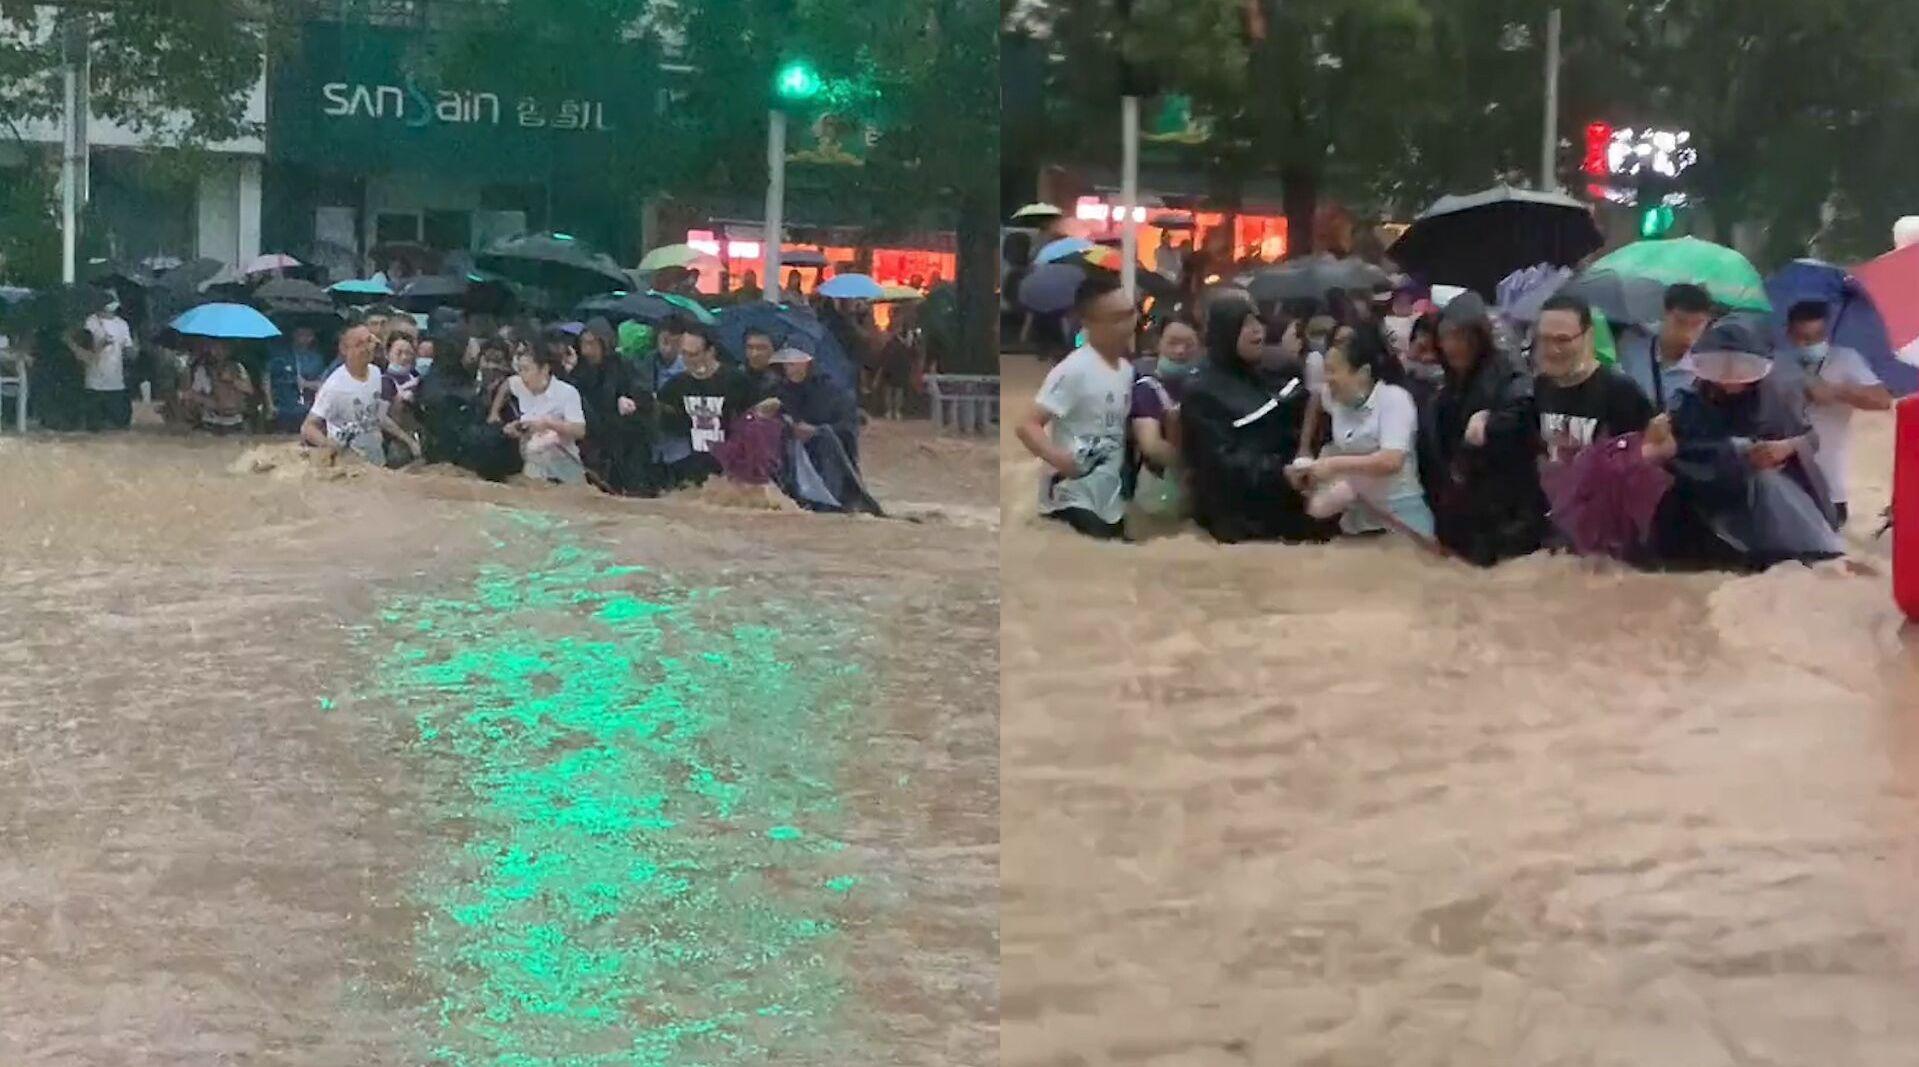 郑州暴雨街道水位齐腰又湍急,十余市民手挽手喊着口号组团过马路